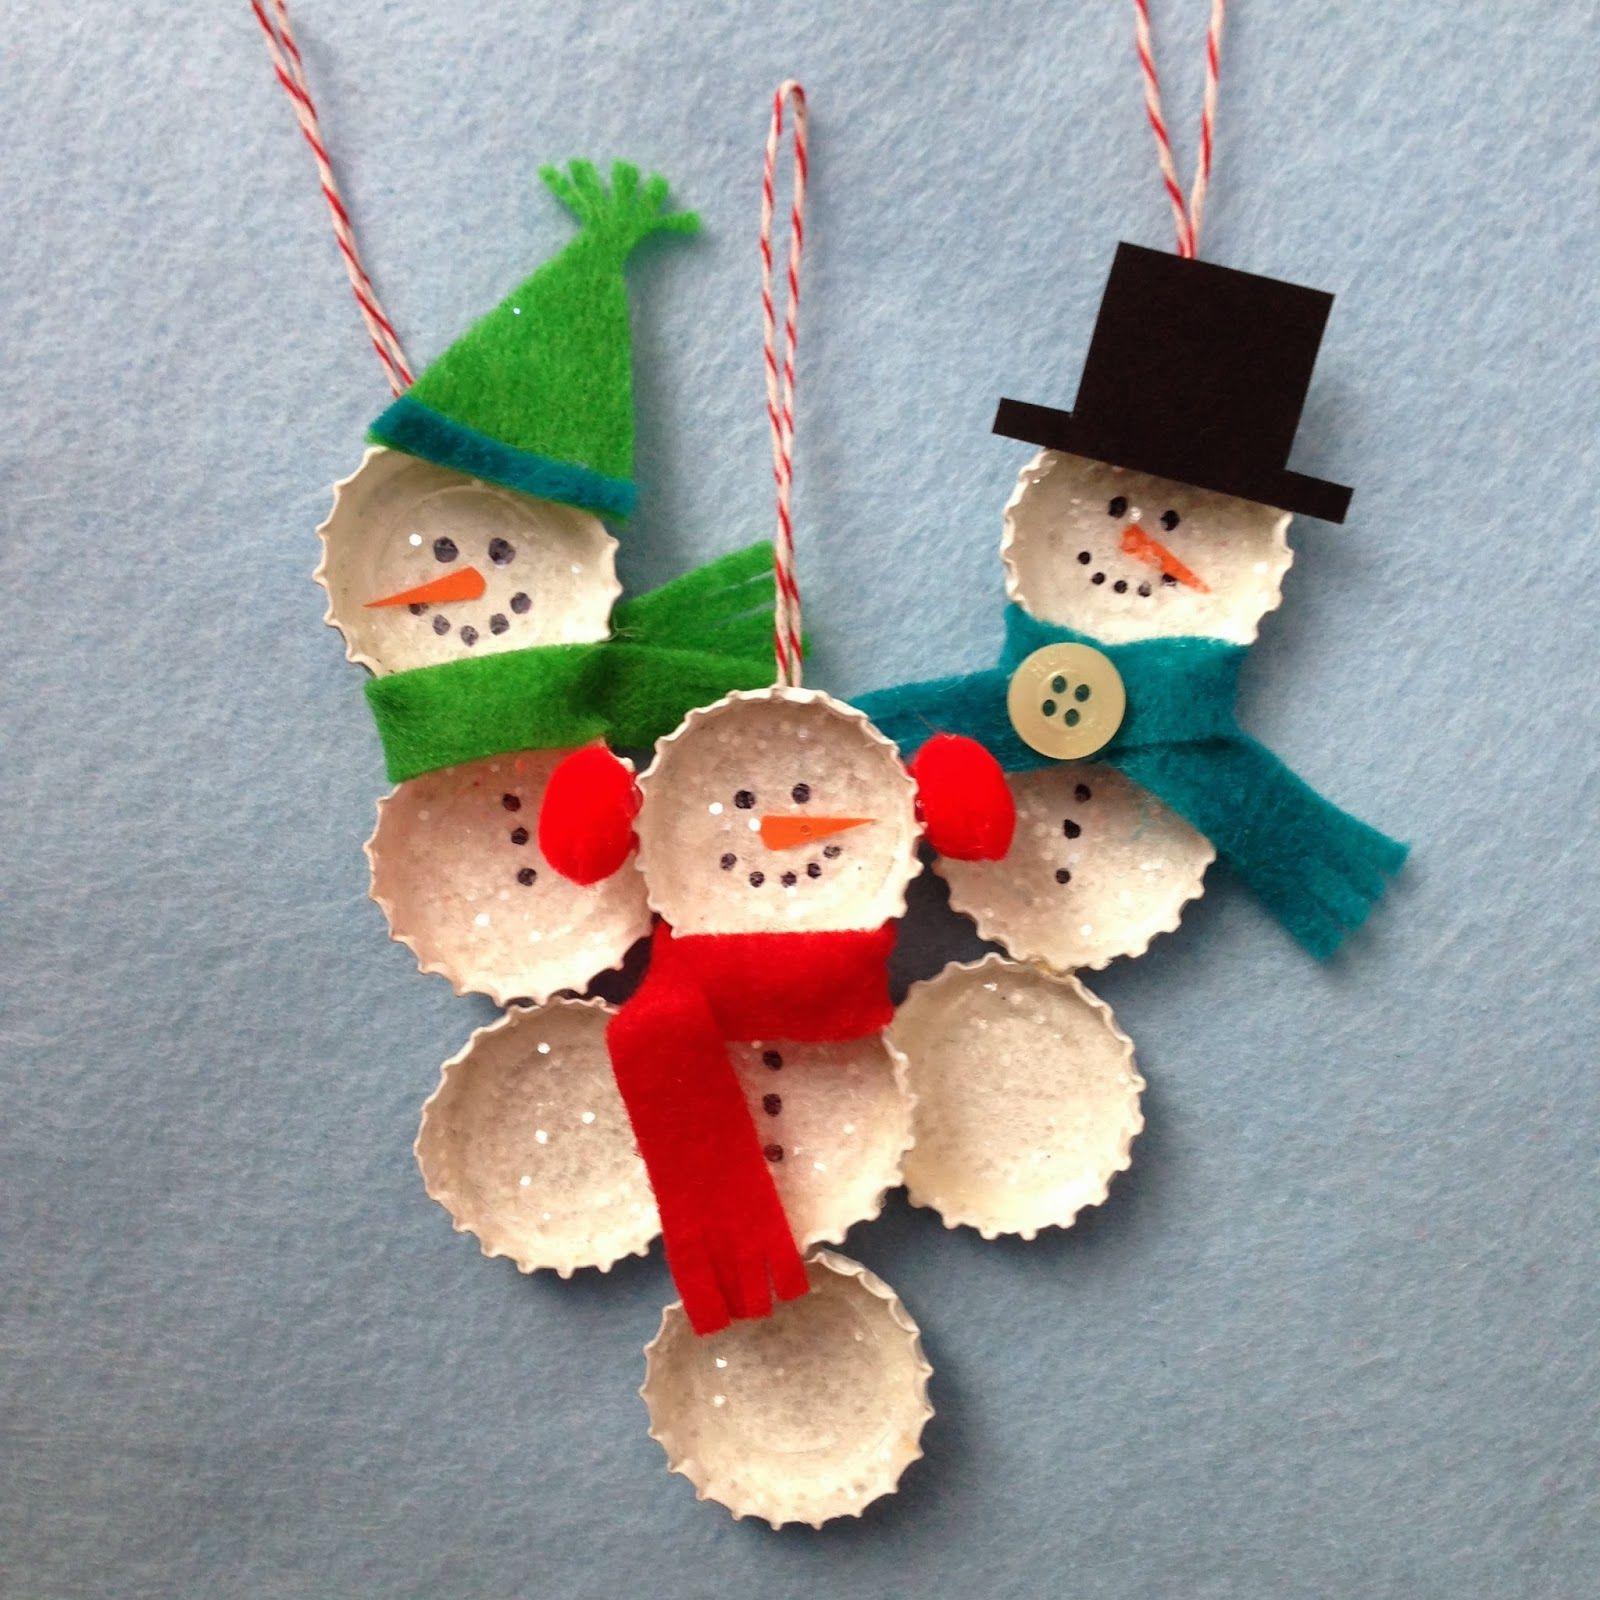 Nudelengel, Kronkorkenschneemann und Co. - Weihnachtsbasteln mit Kindern #bottlecaps